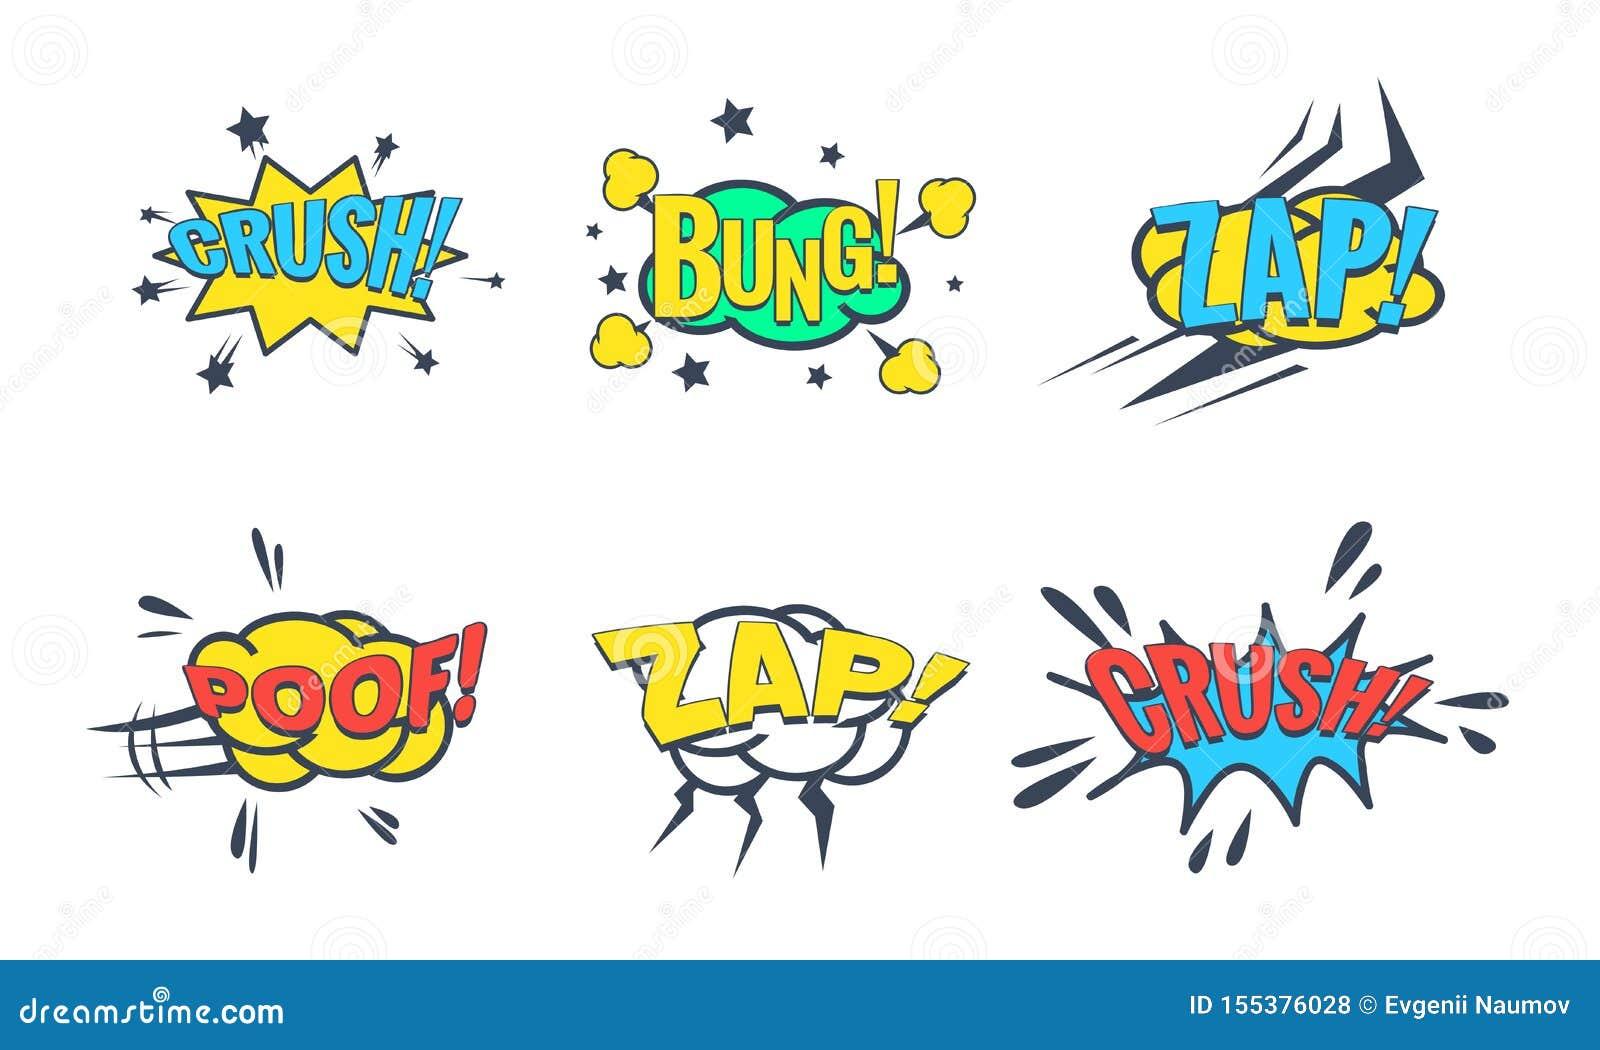 Grappige Toespraakbel met Tekstreeks, Grappige Geluidseffecten, Stop, Verbrijzeling, Zap, de Vectorillustratie van Poof